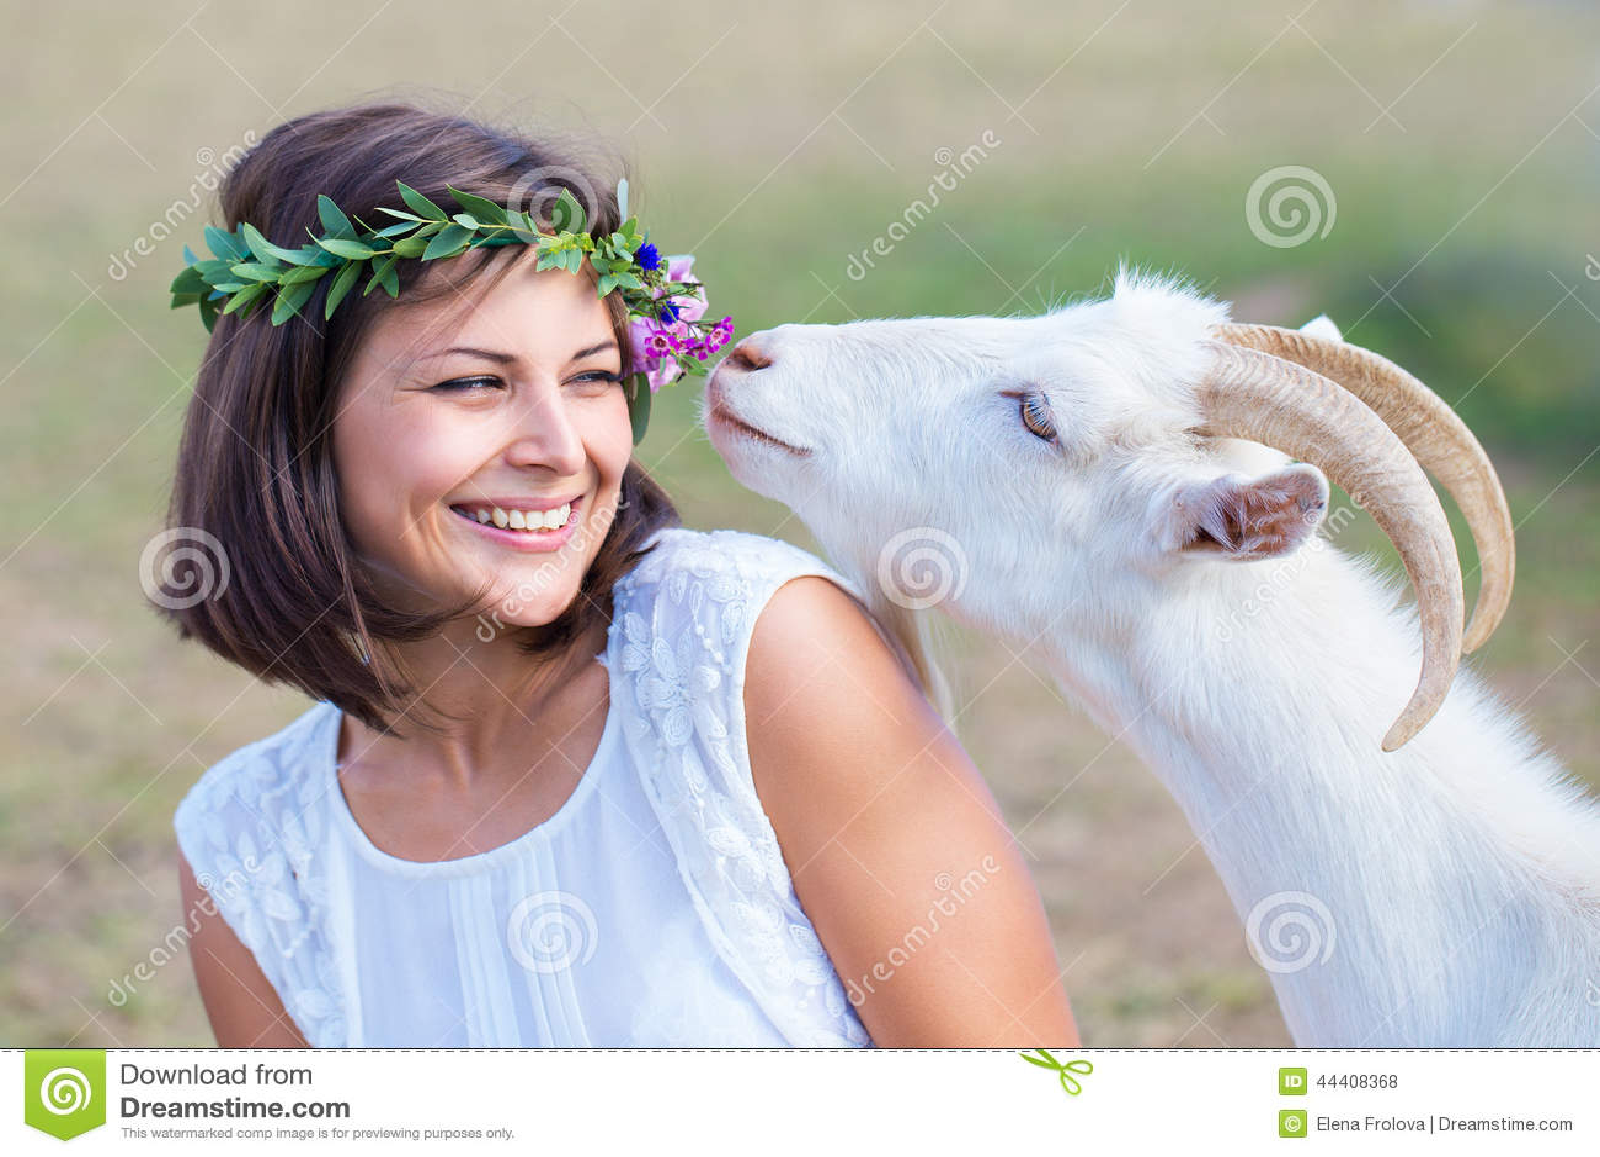 滑稽的图片有一个花圈的一位美丽的女孩农夫在她